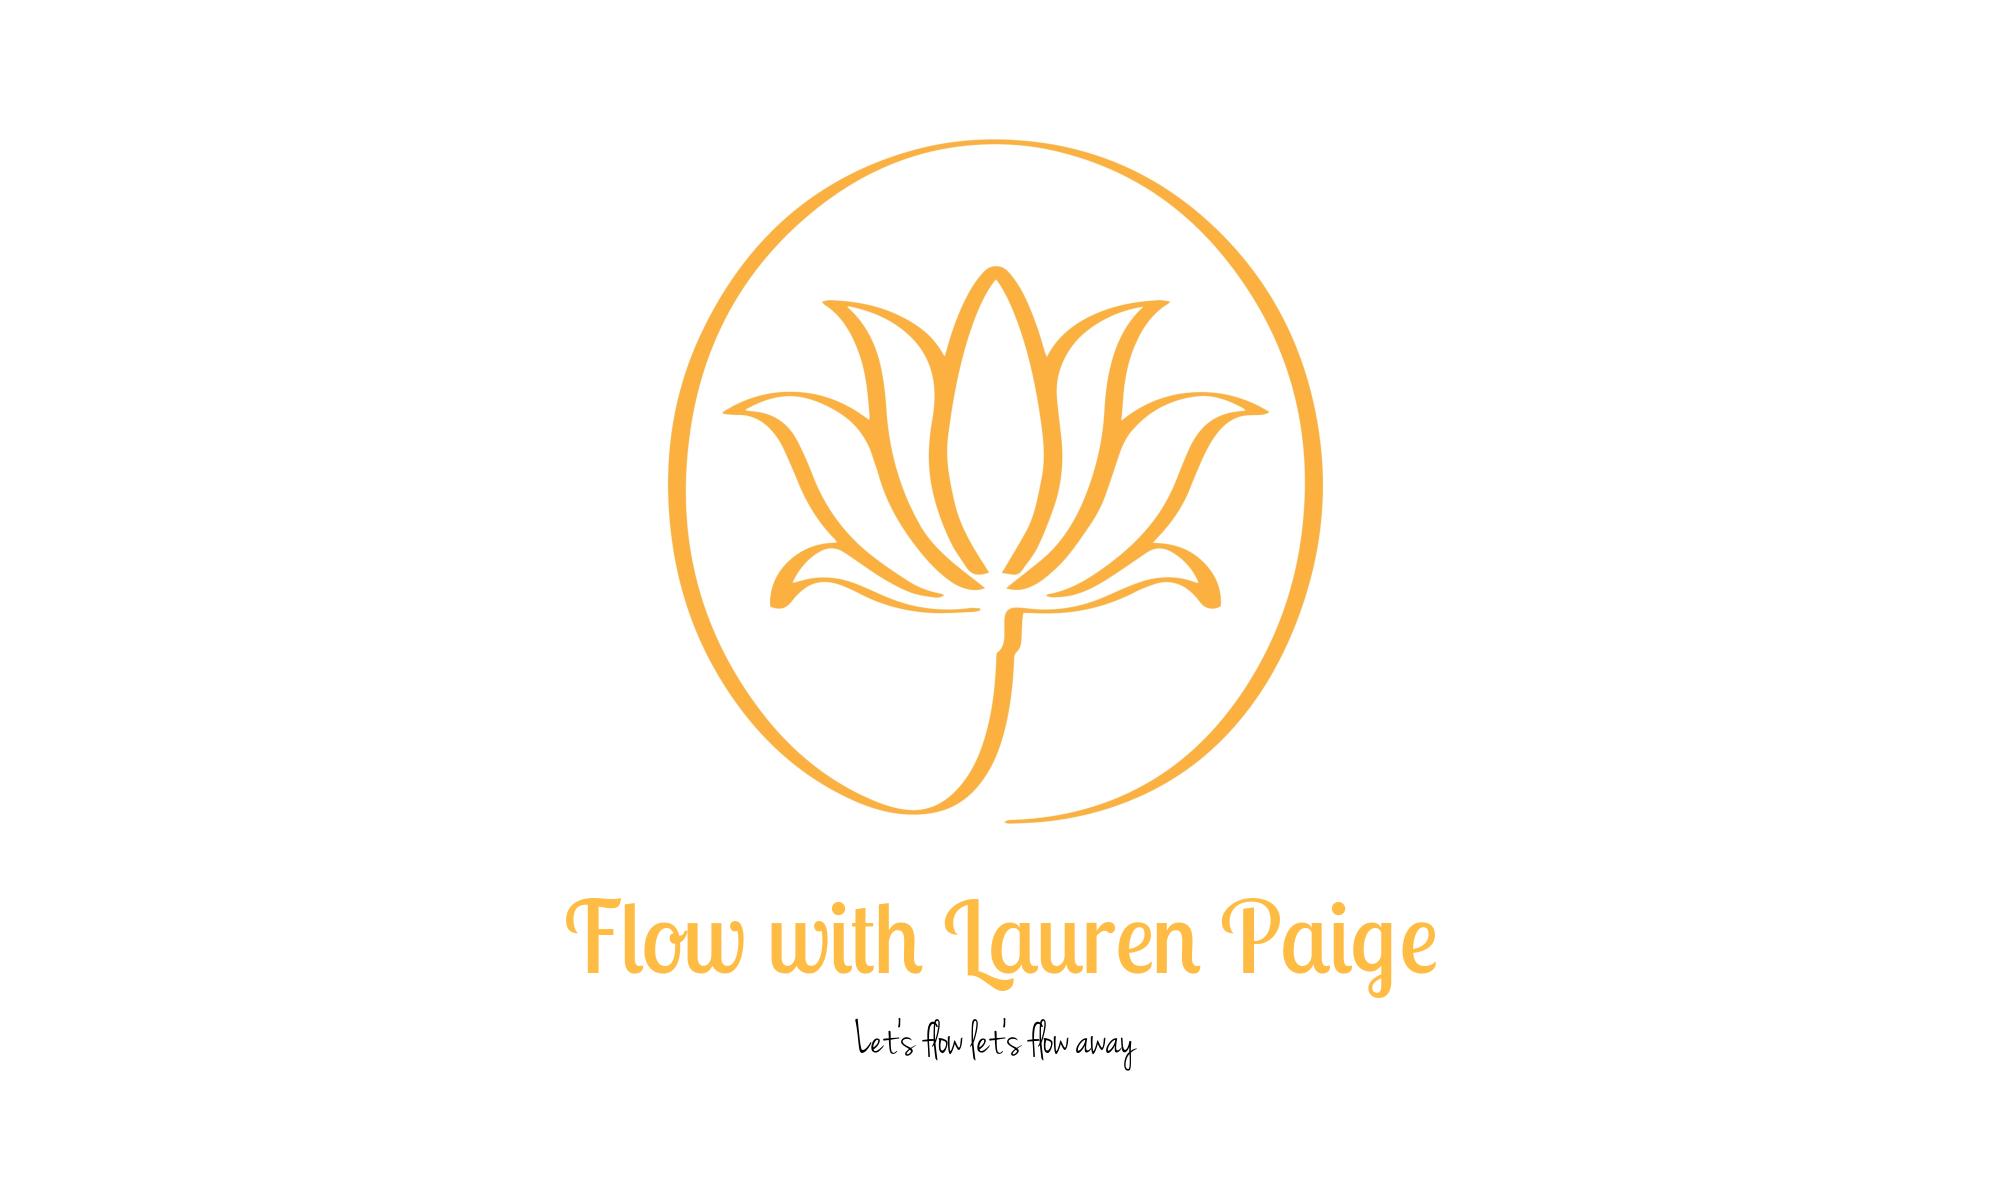 Flow with Lauren Paige